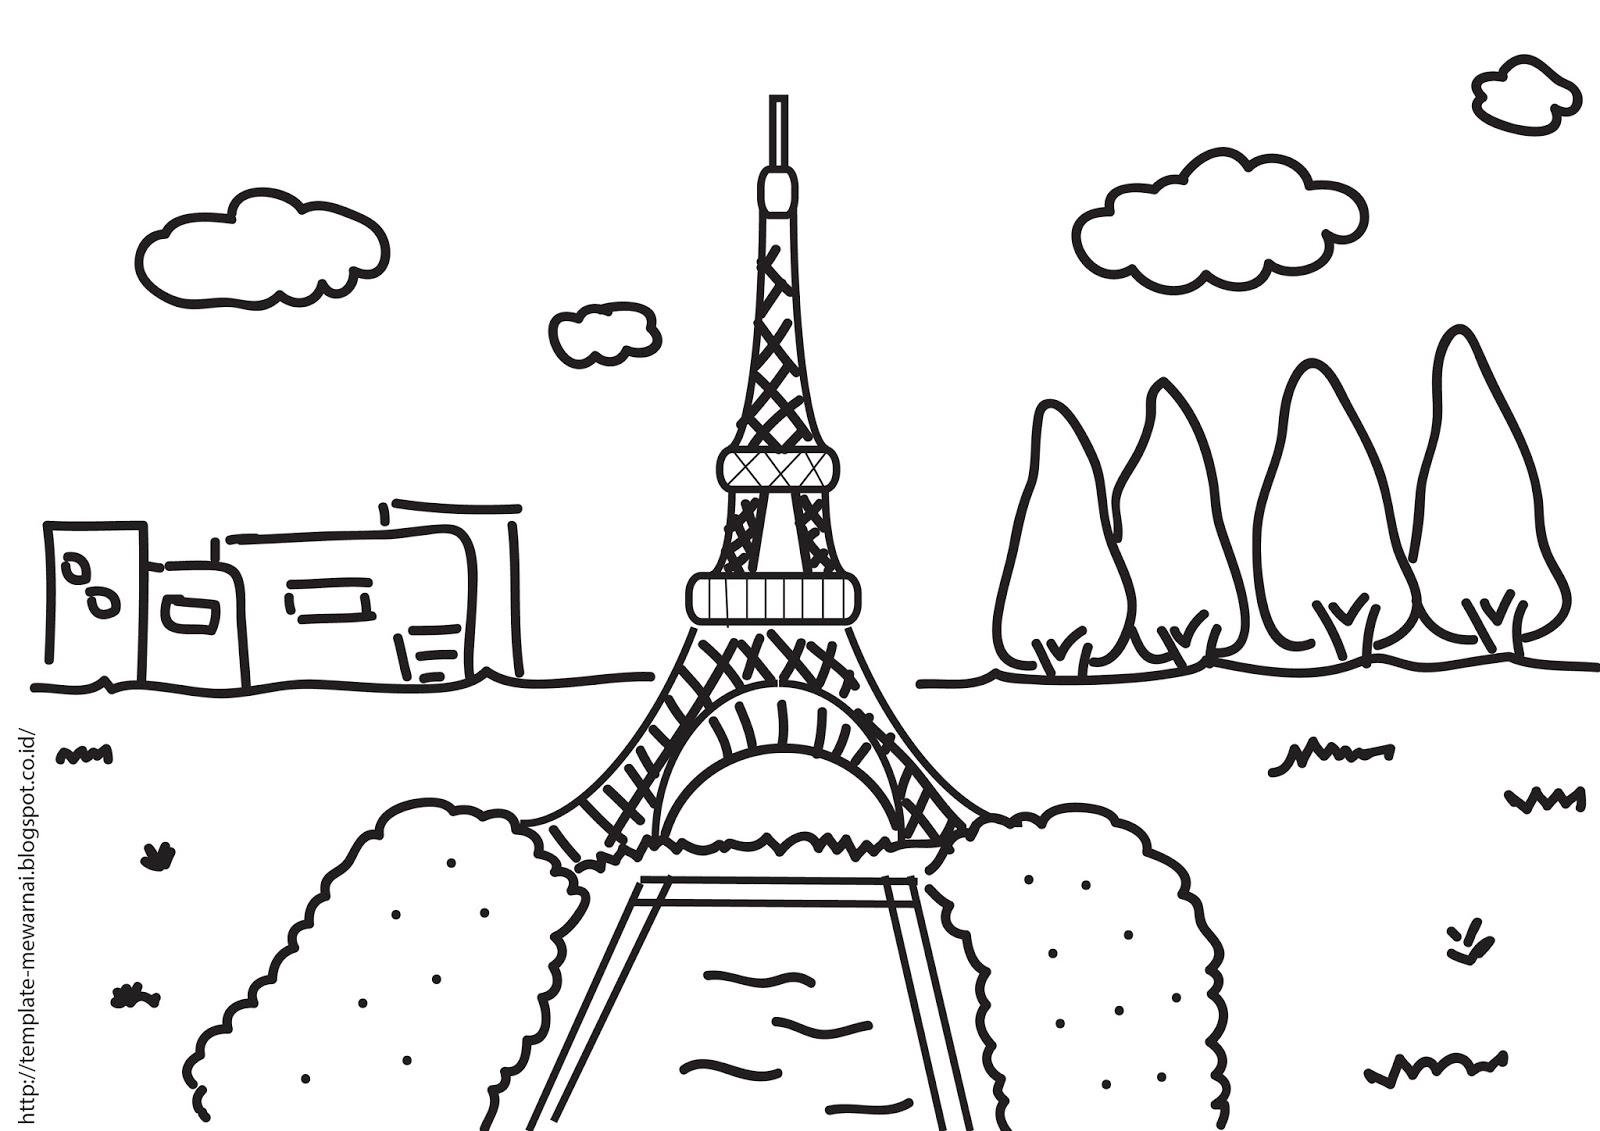 Menara Eiffel merupakan situs ikonik di Kota Paris Perancis warnai keindahannya di sini